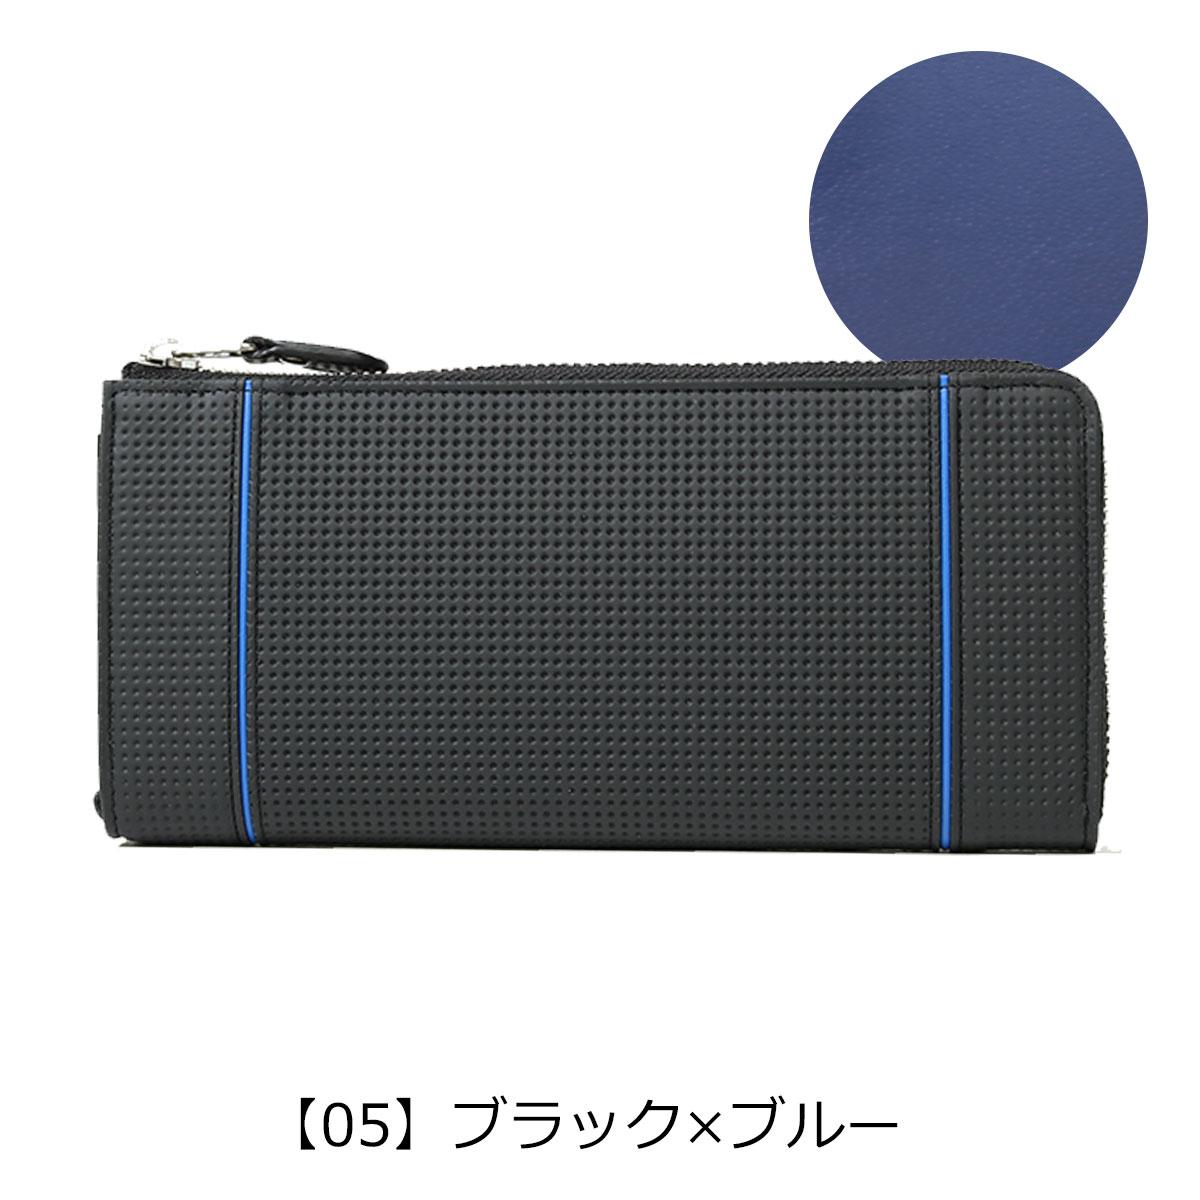 【05】ブラック×ブルー